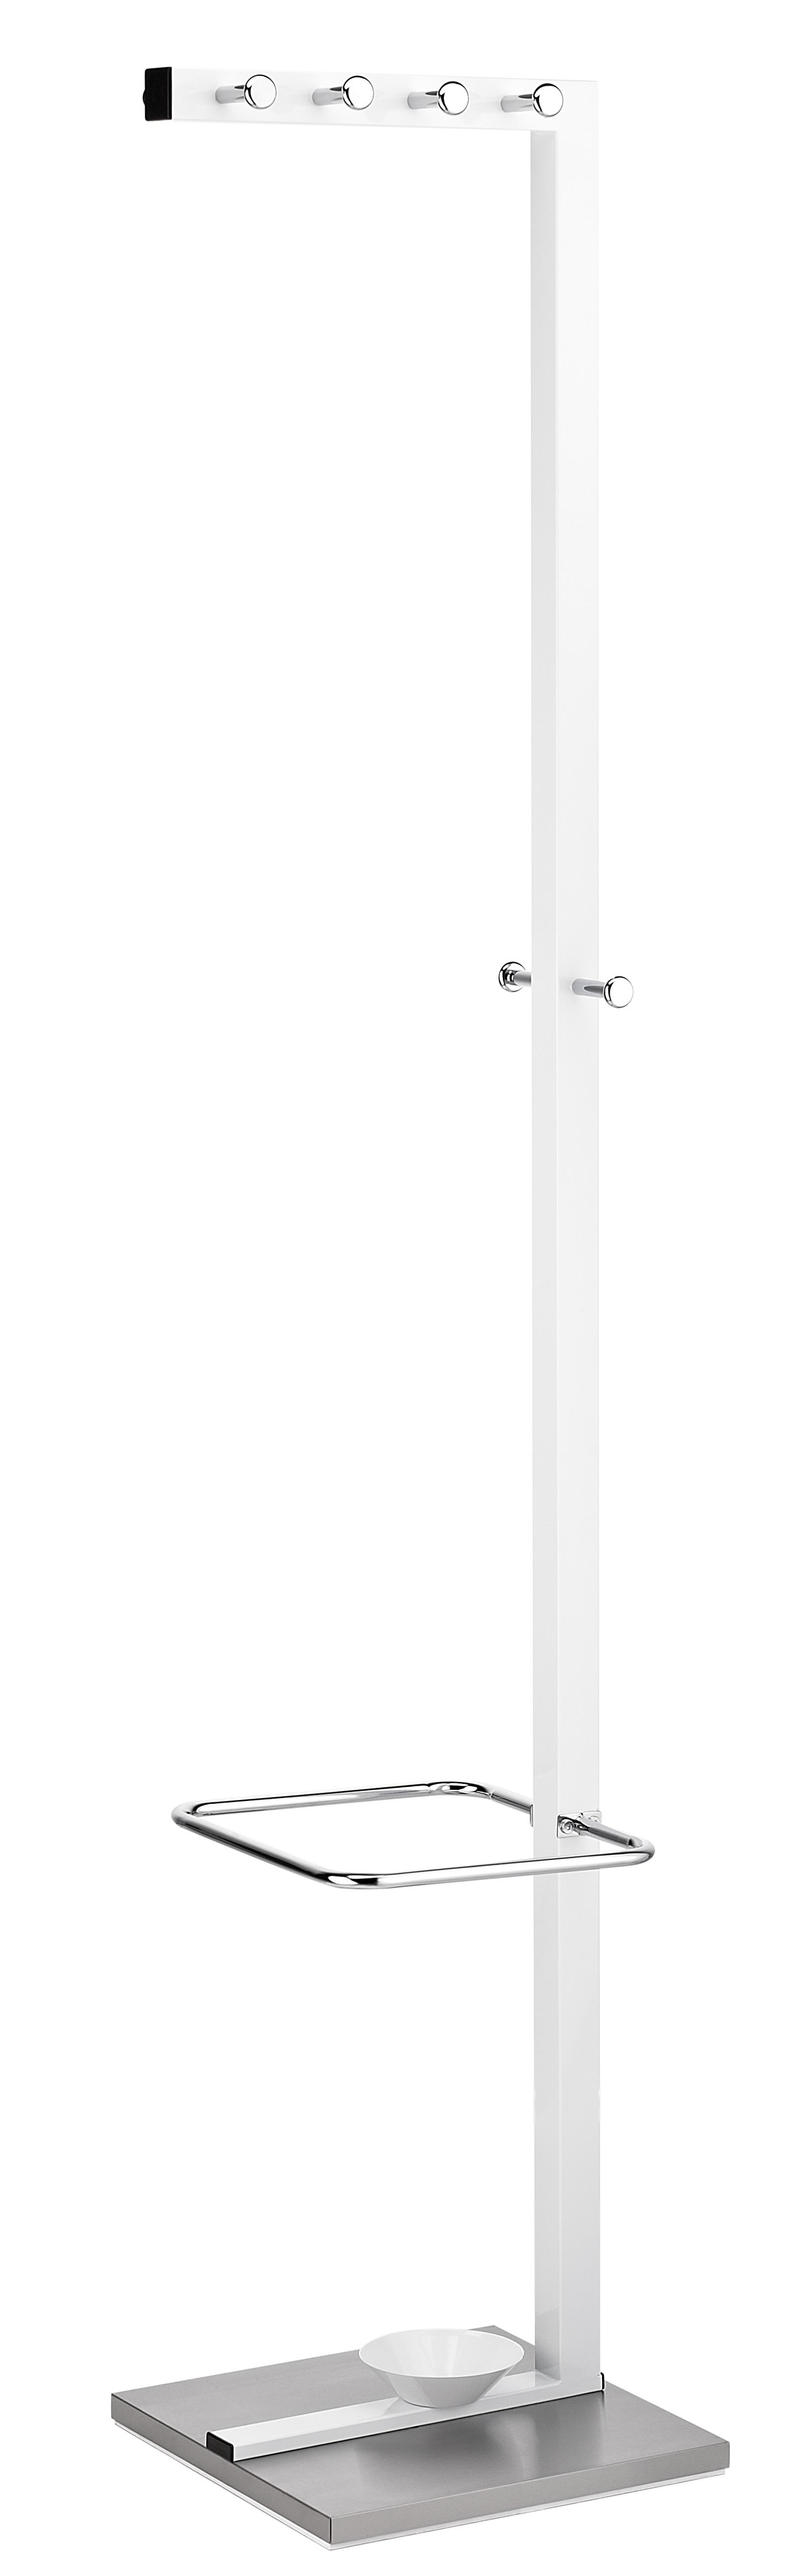 Cuier metalic ALCO Design, cu 10 agatatori cromate, suport umbrele - alb/stainless steel